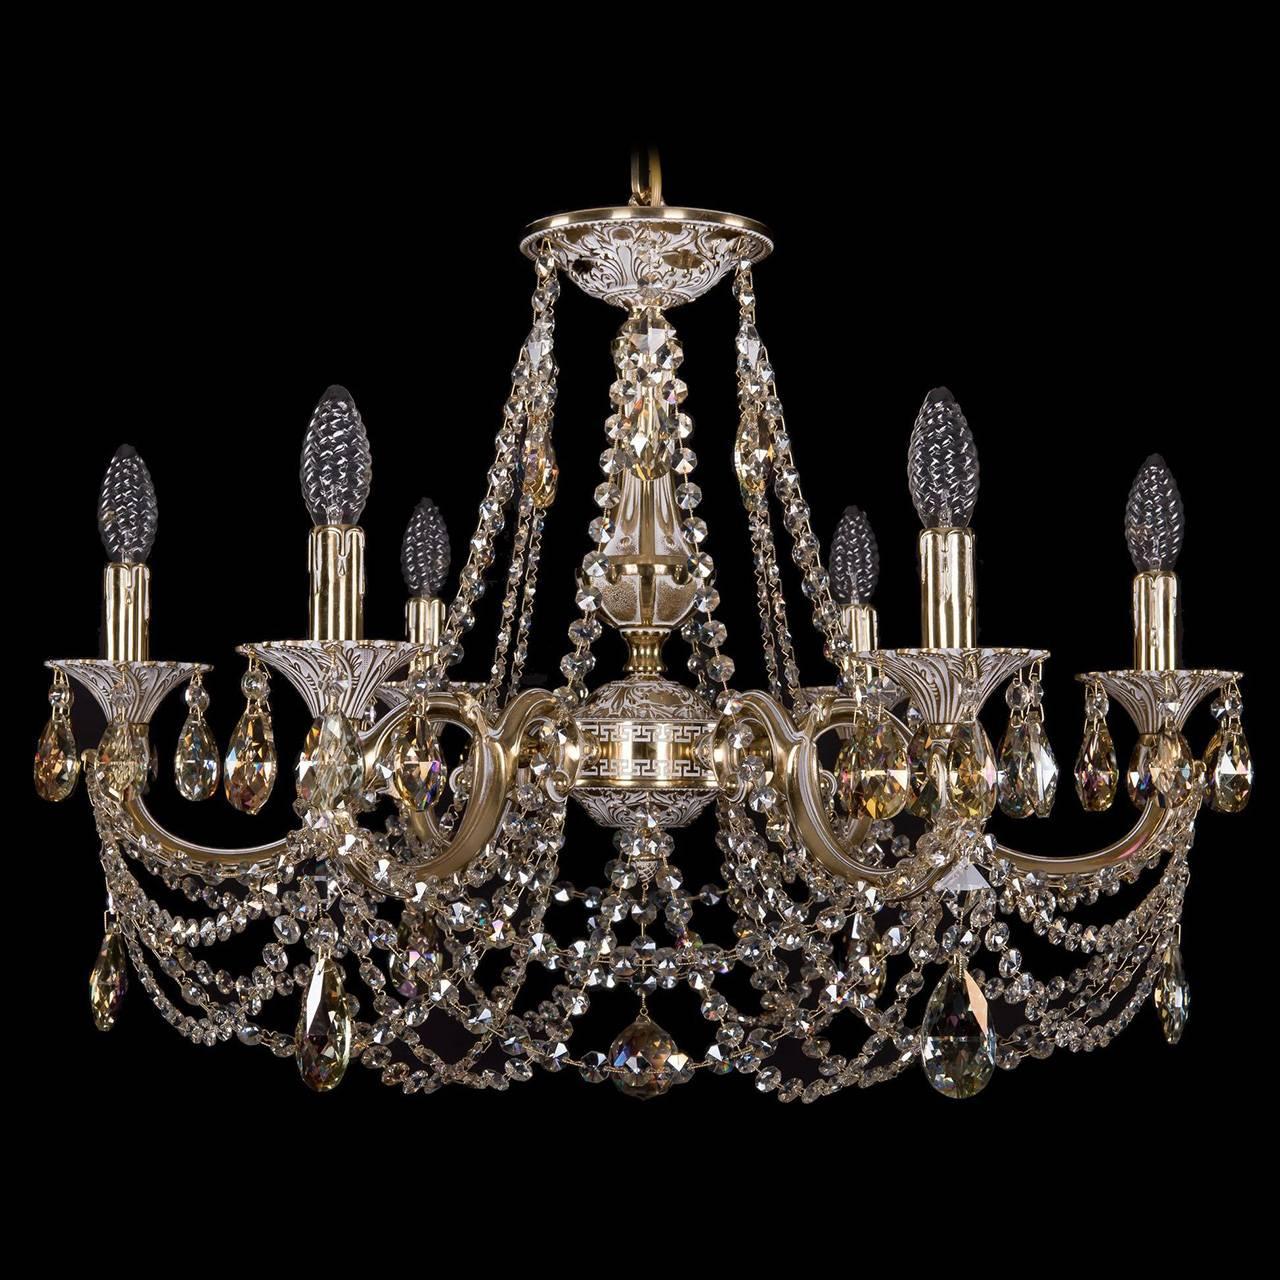 Купить со скидкой Подвесная люстра Bohemia Ivele с хрустальными подвесками